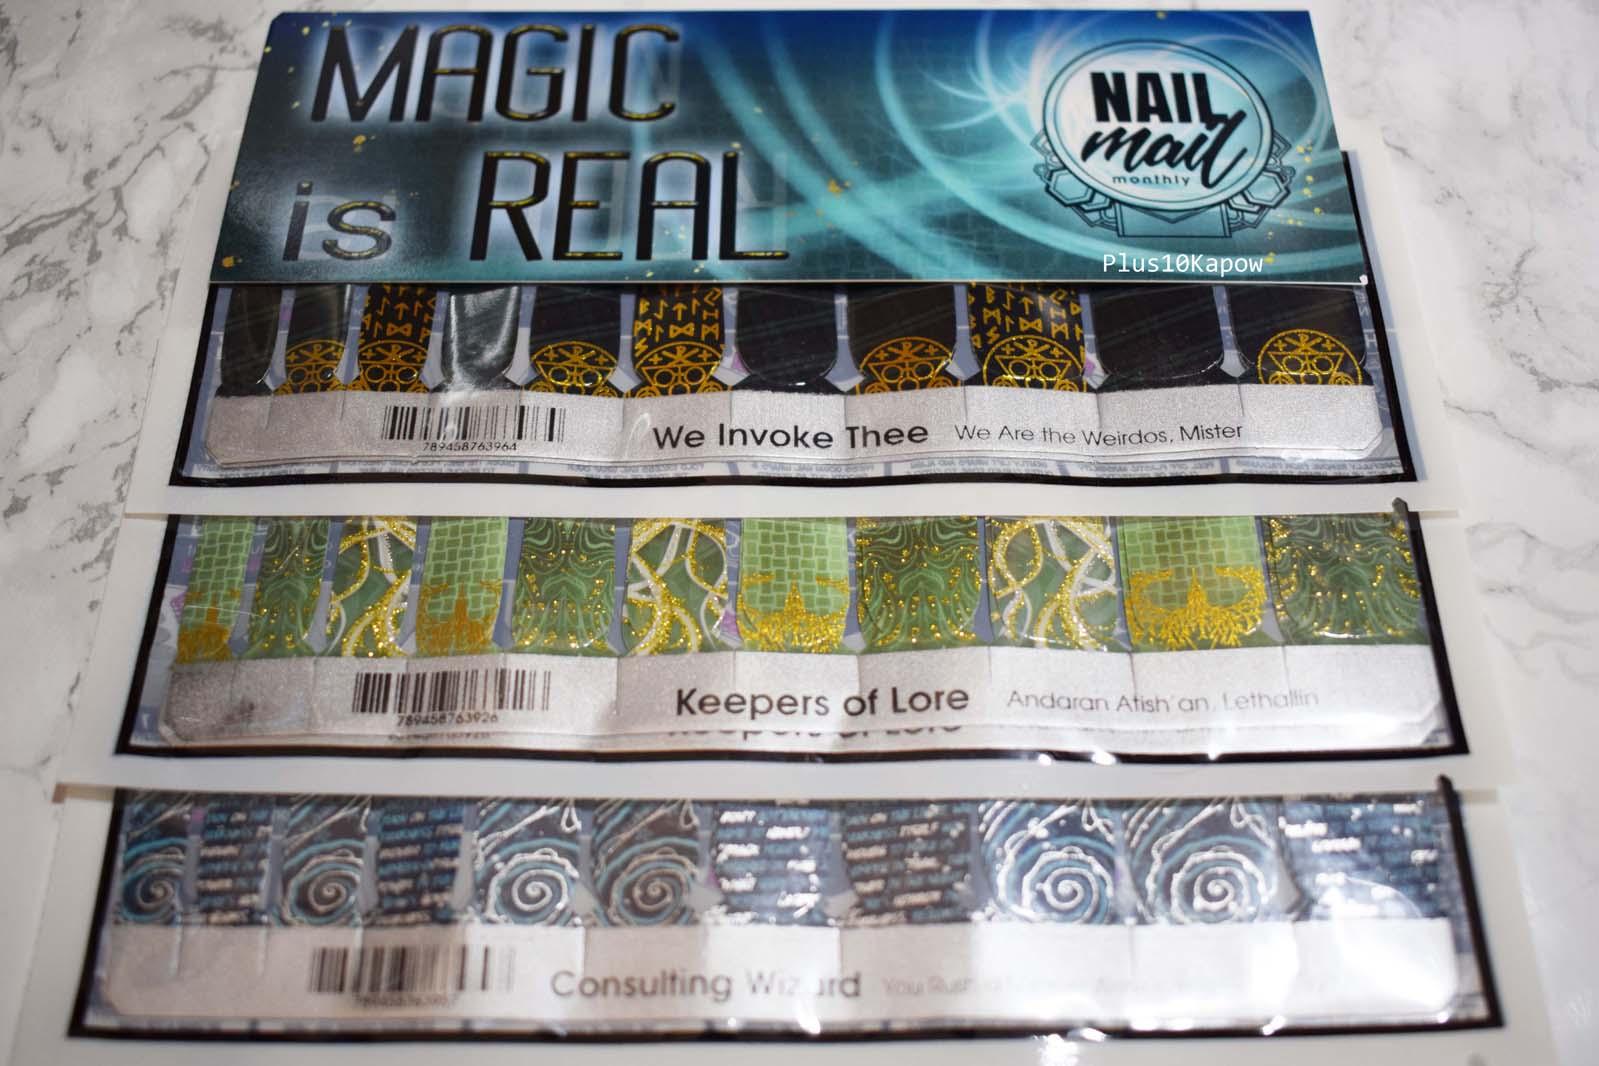 Espionage Cosmetics Nail Mail Monthly Plus10Kapow